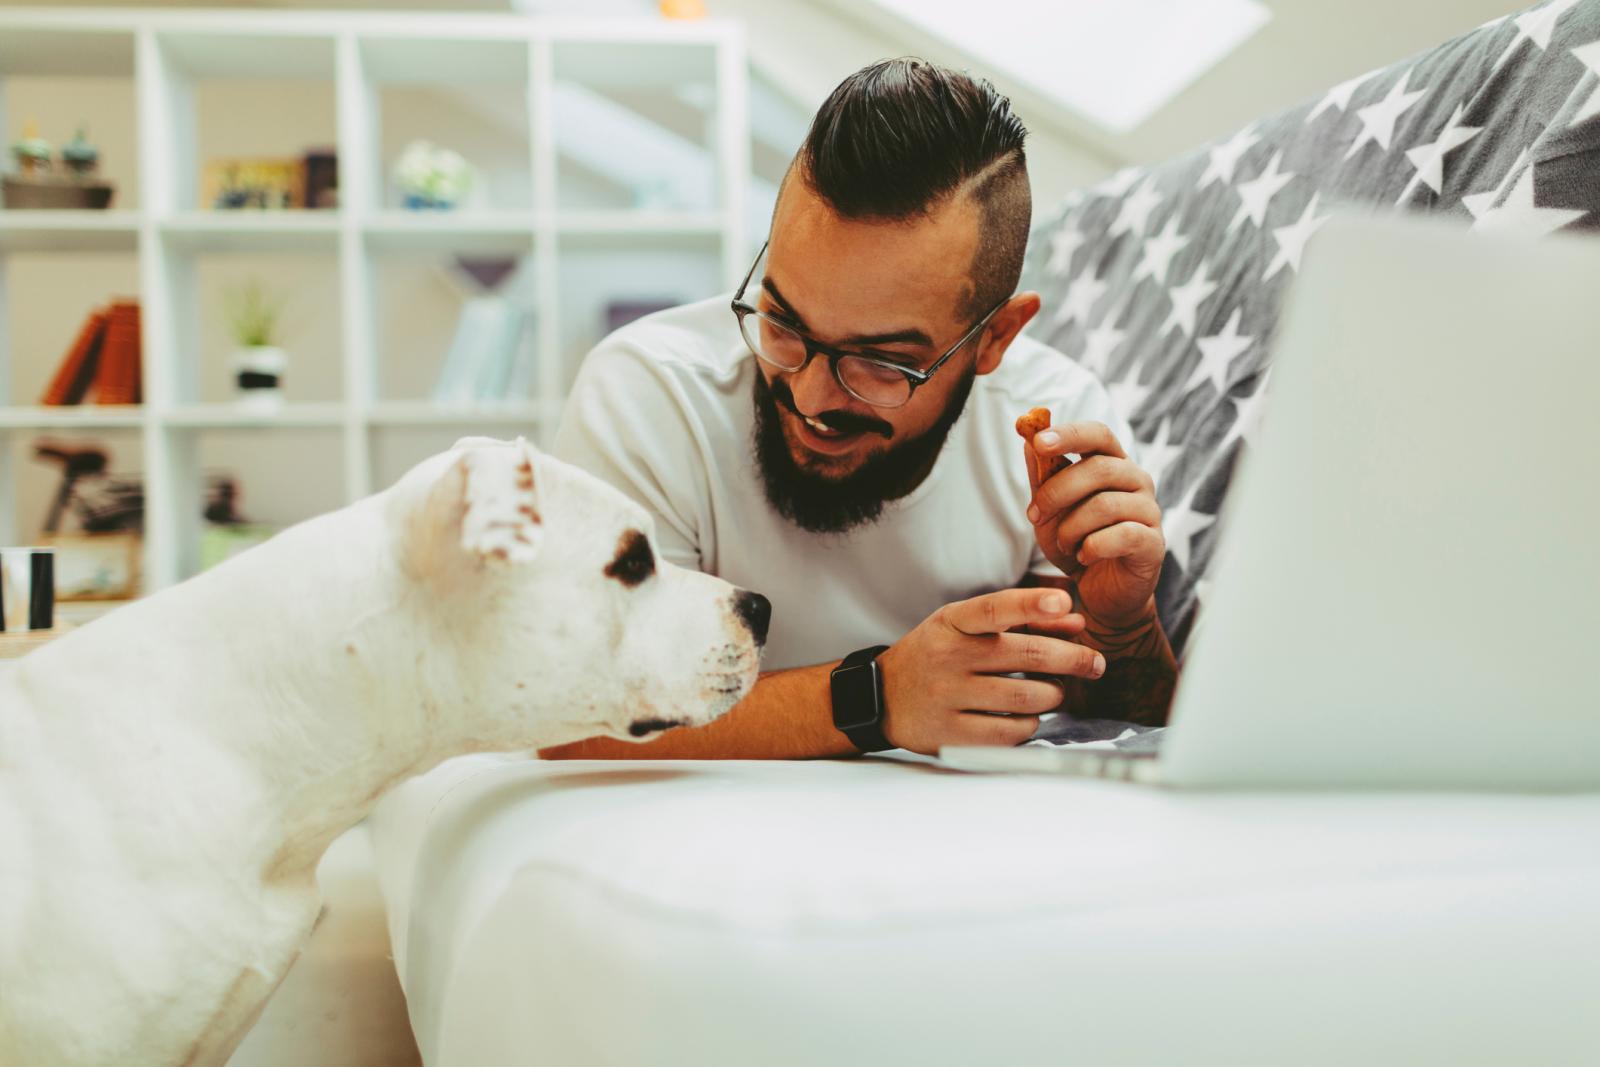 Kada se pas useli u novi dom, otvoren je za učenje novih pravila i upoznavanje novih ljudi.